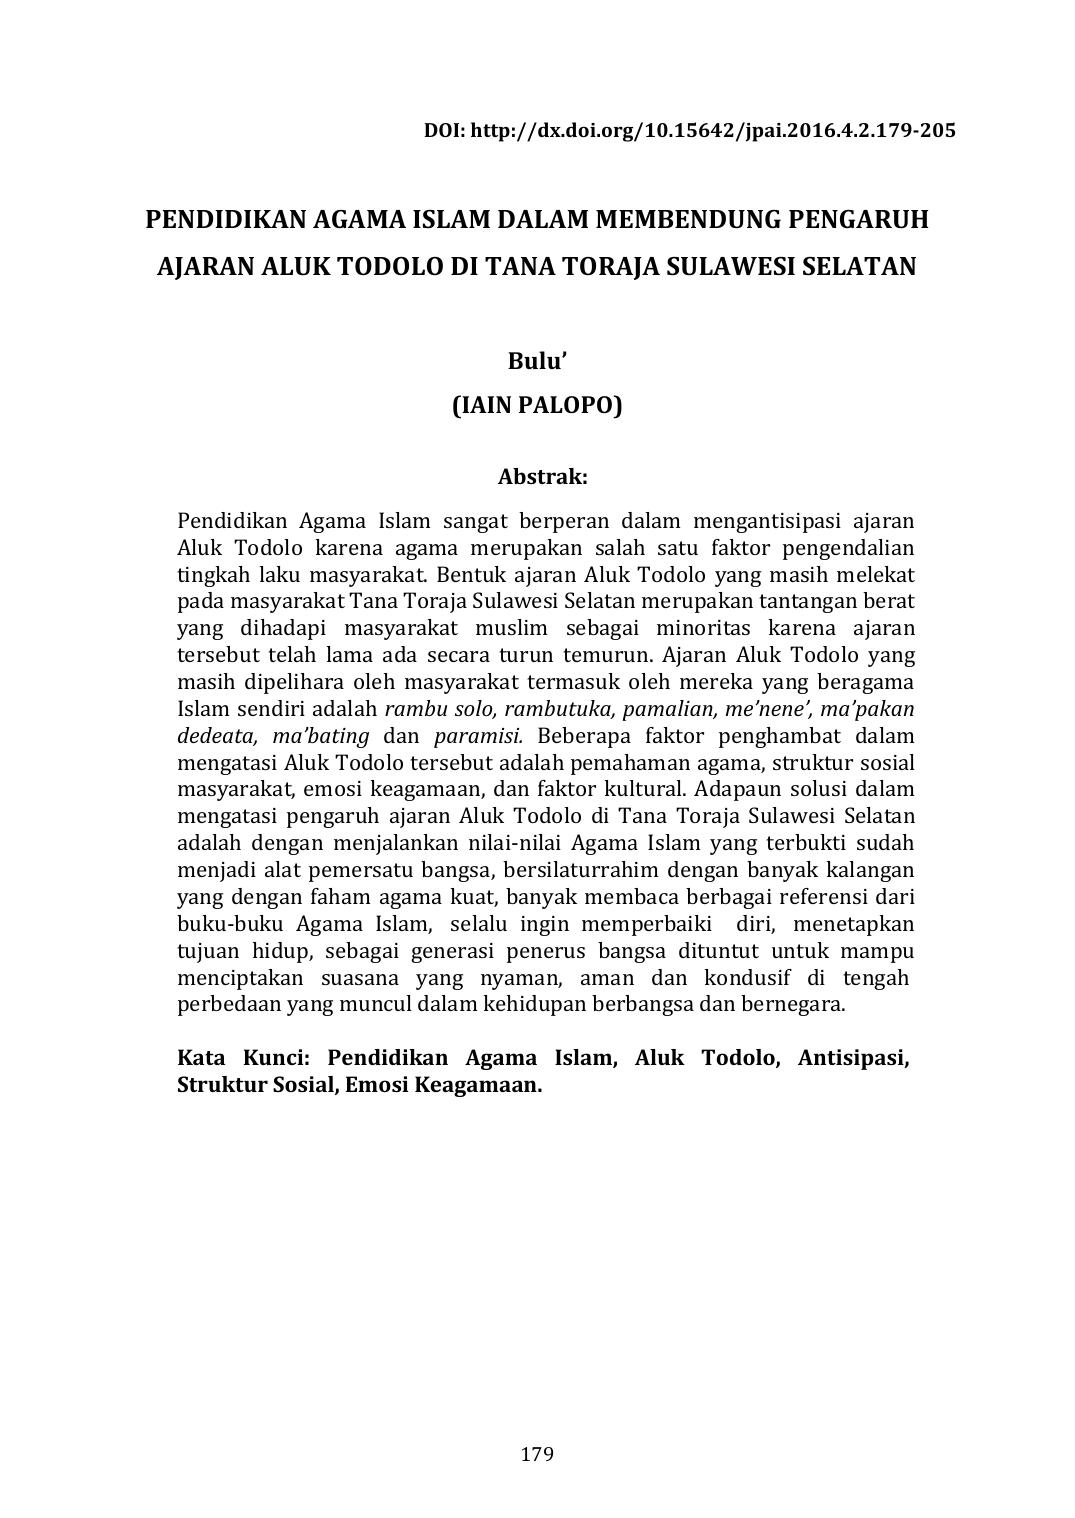 Pendidikan Agama Islam Dalam Membendung Pengaruh Ajaran Aluk